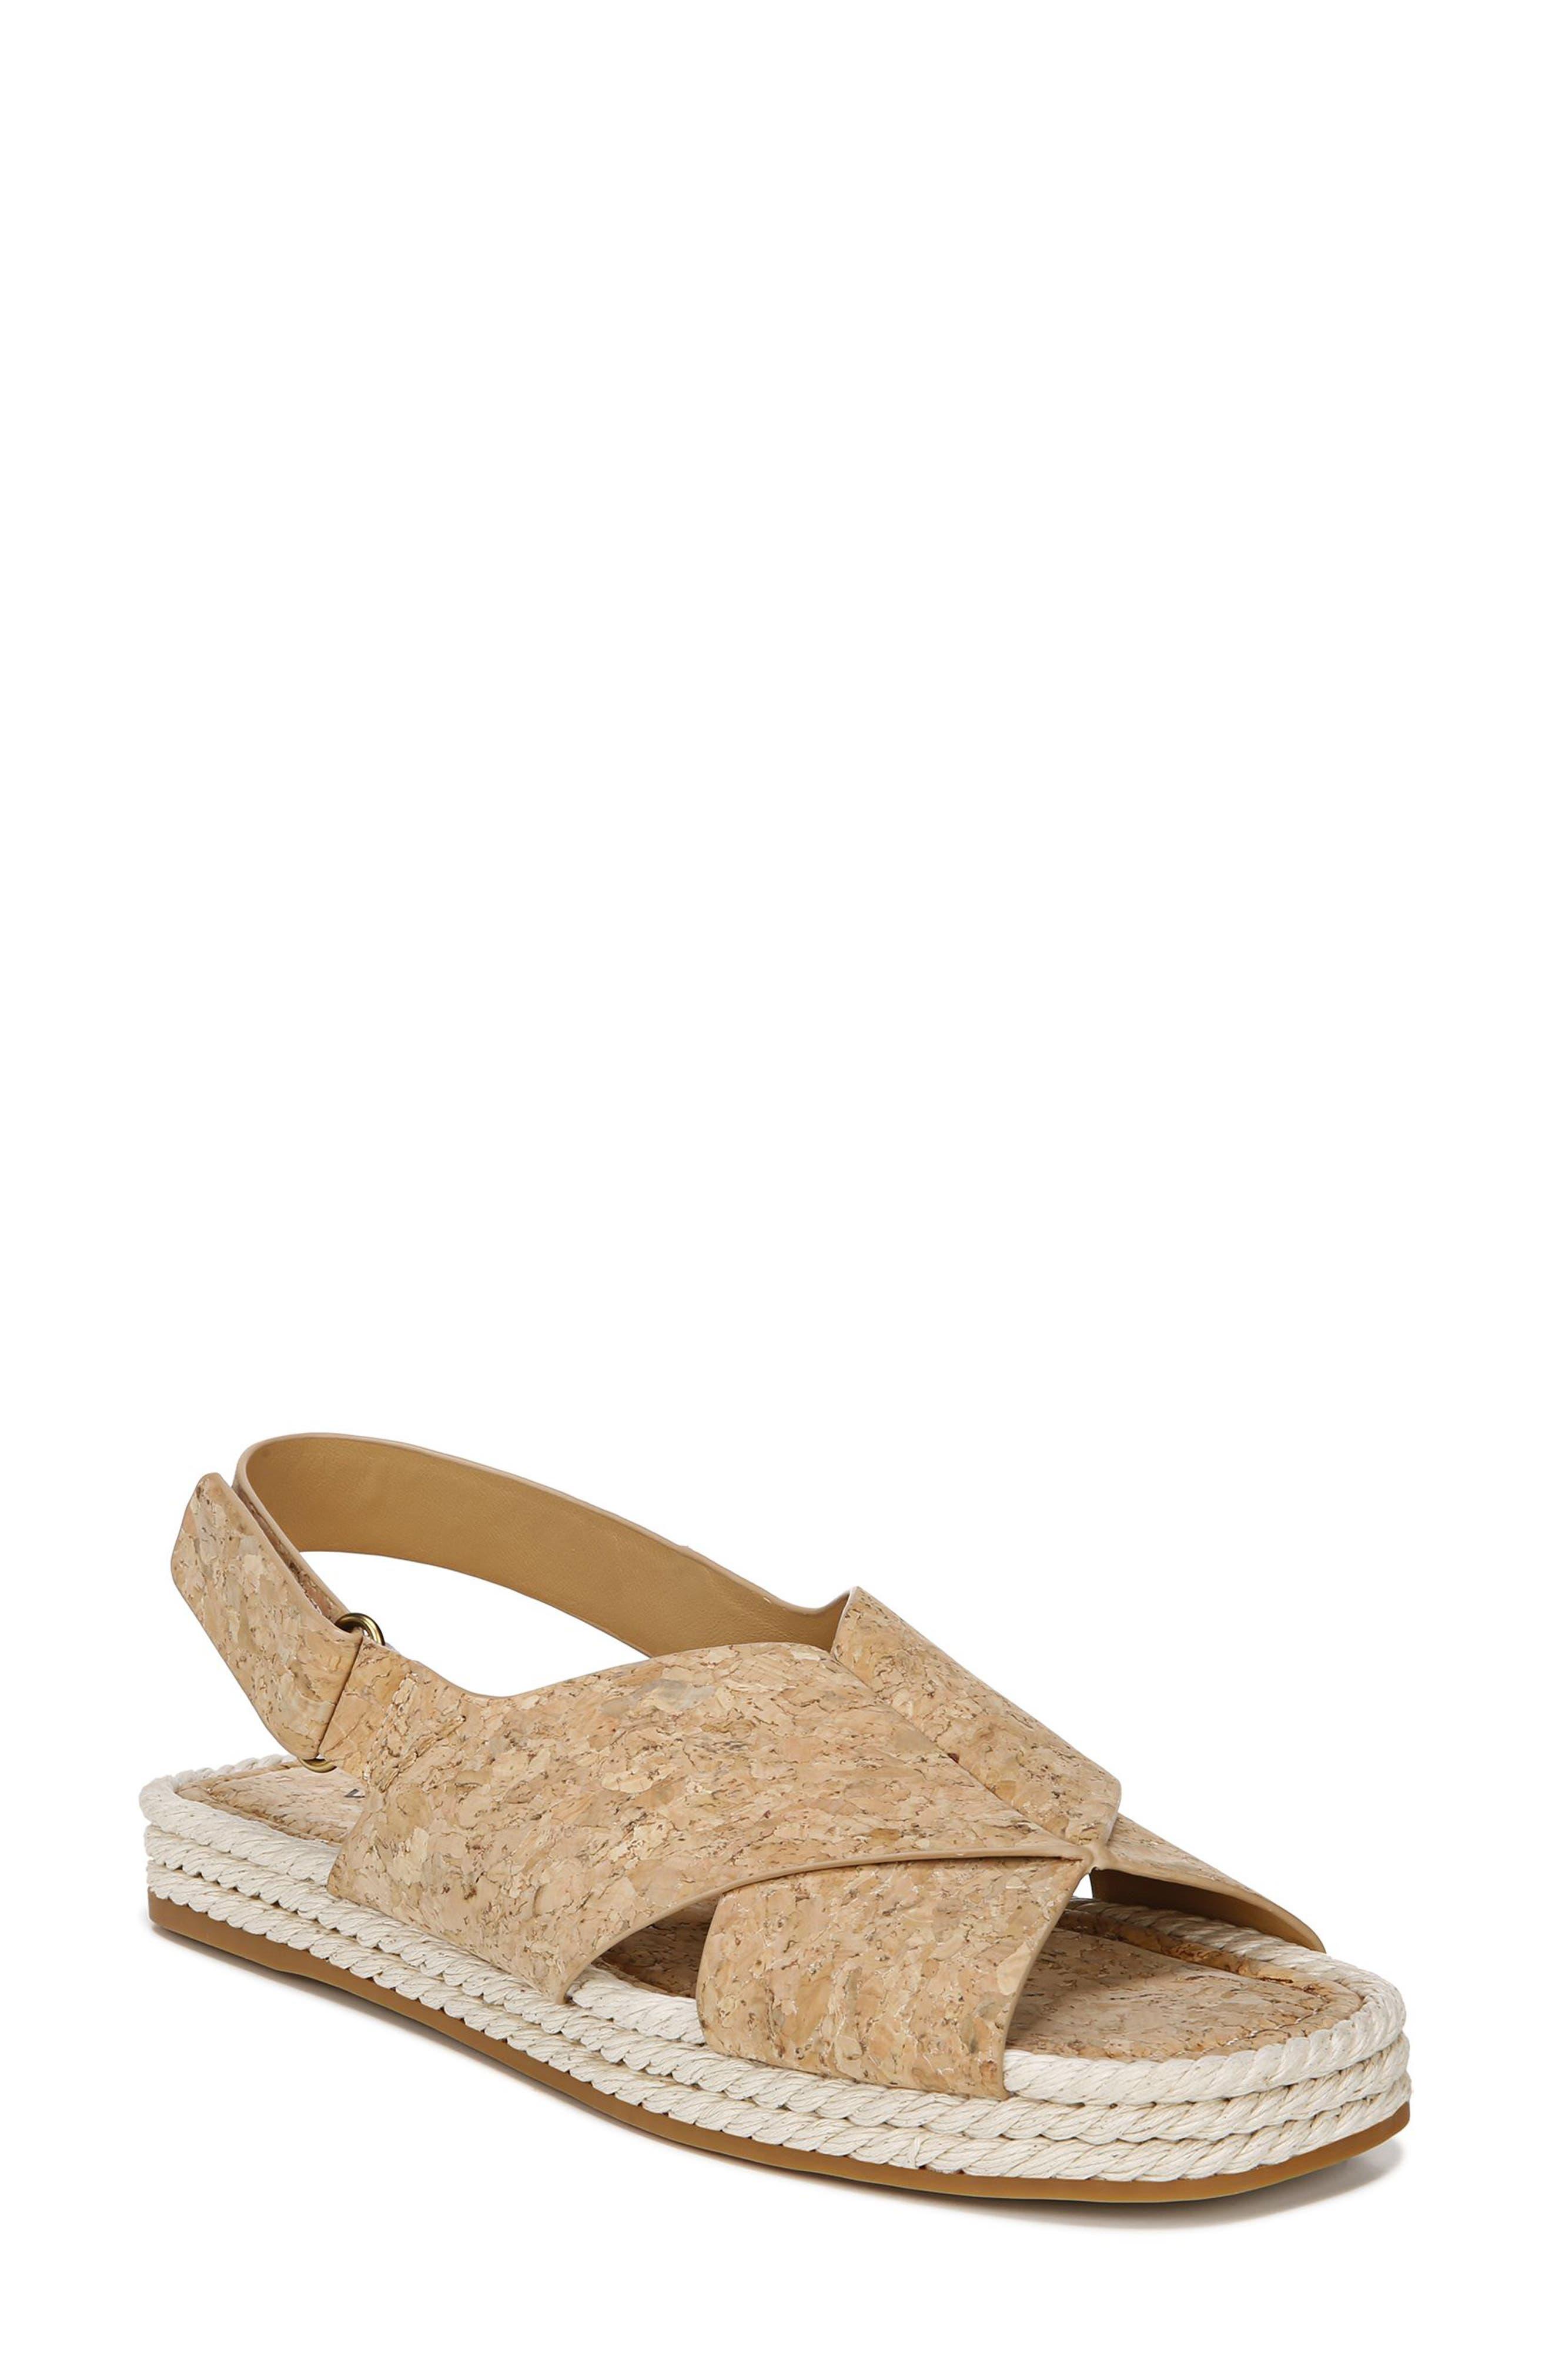 Image of Vince Essen Leather Slingback Espadrille Sandal